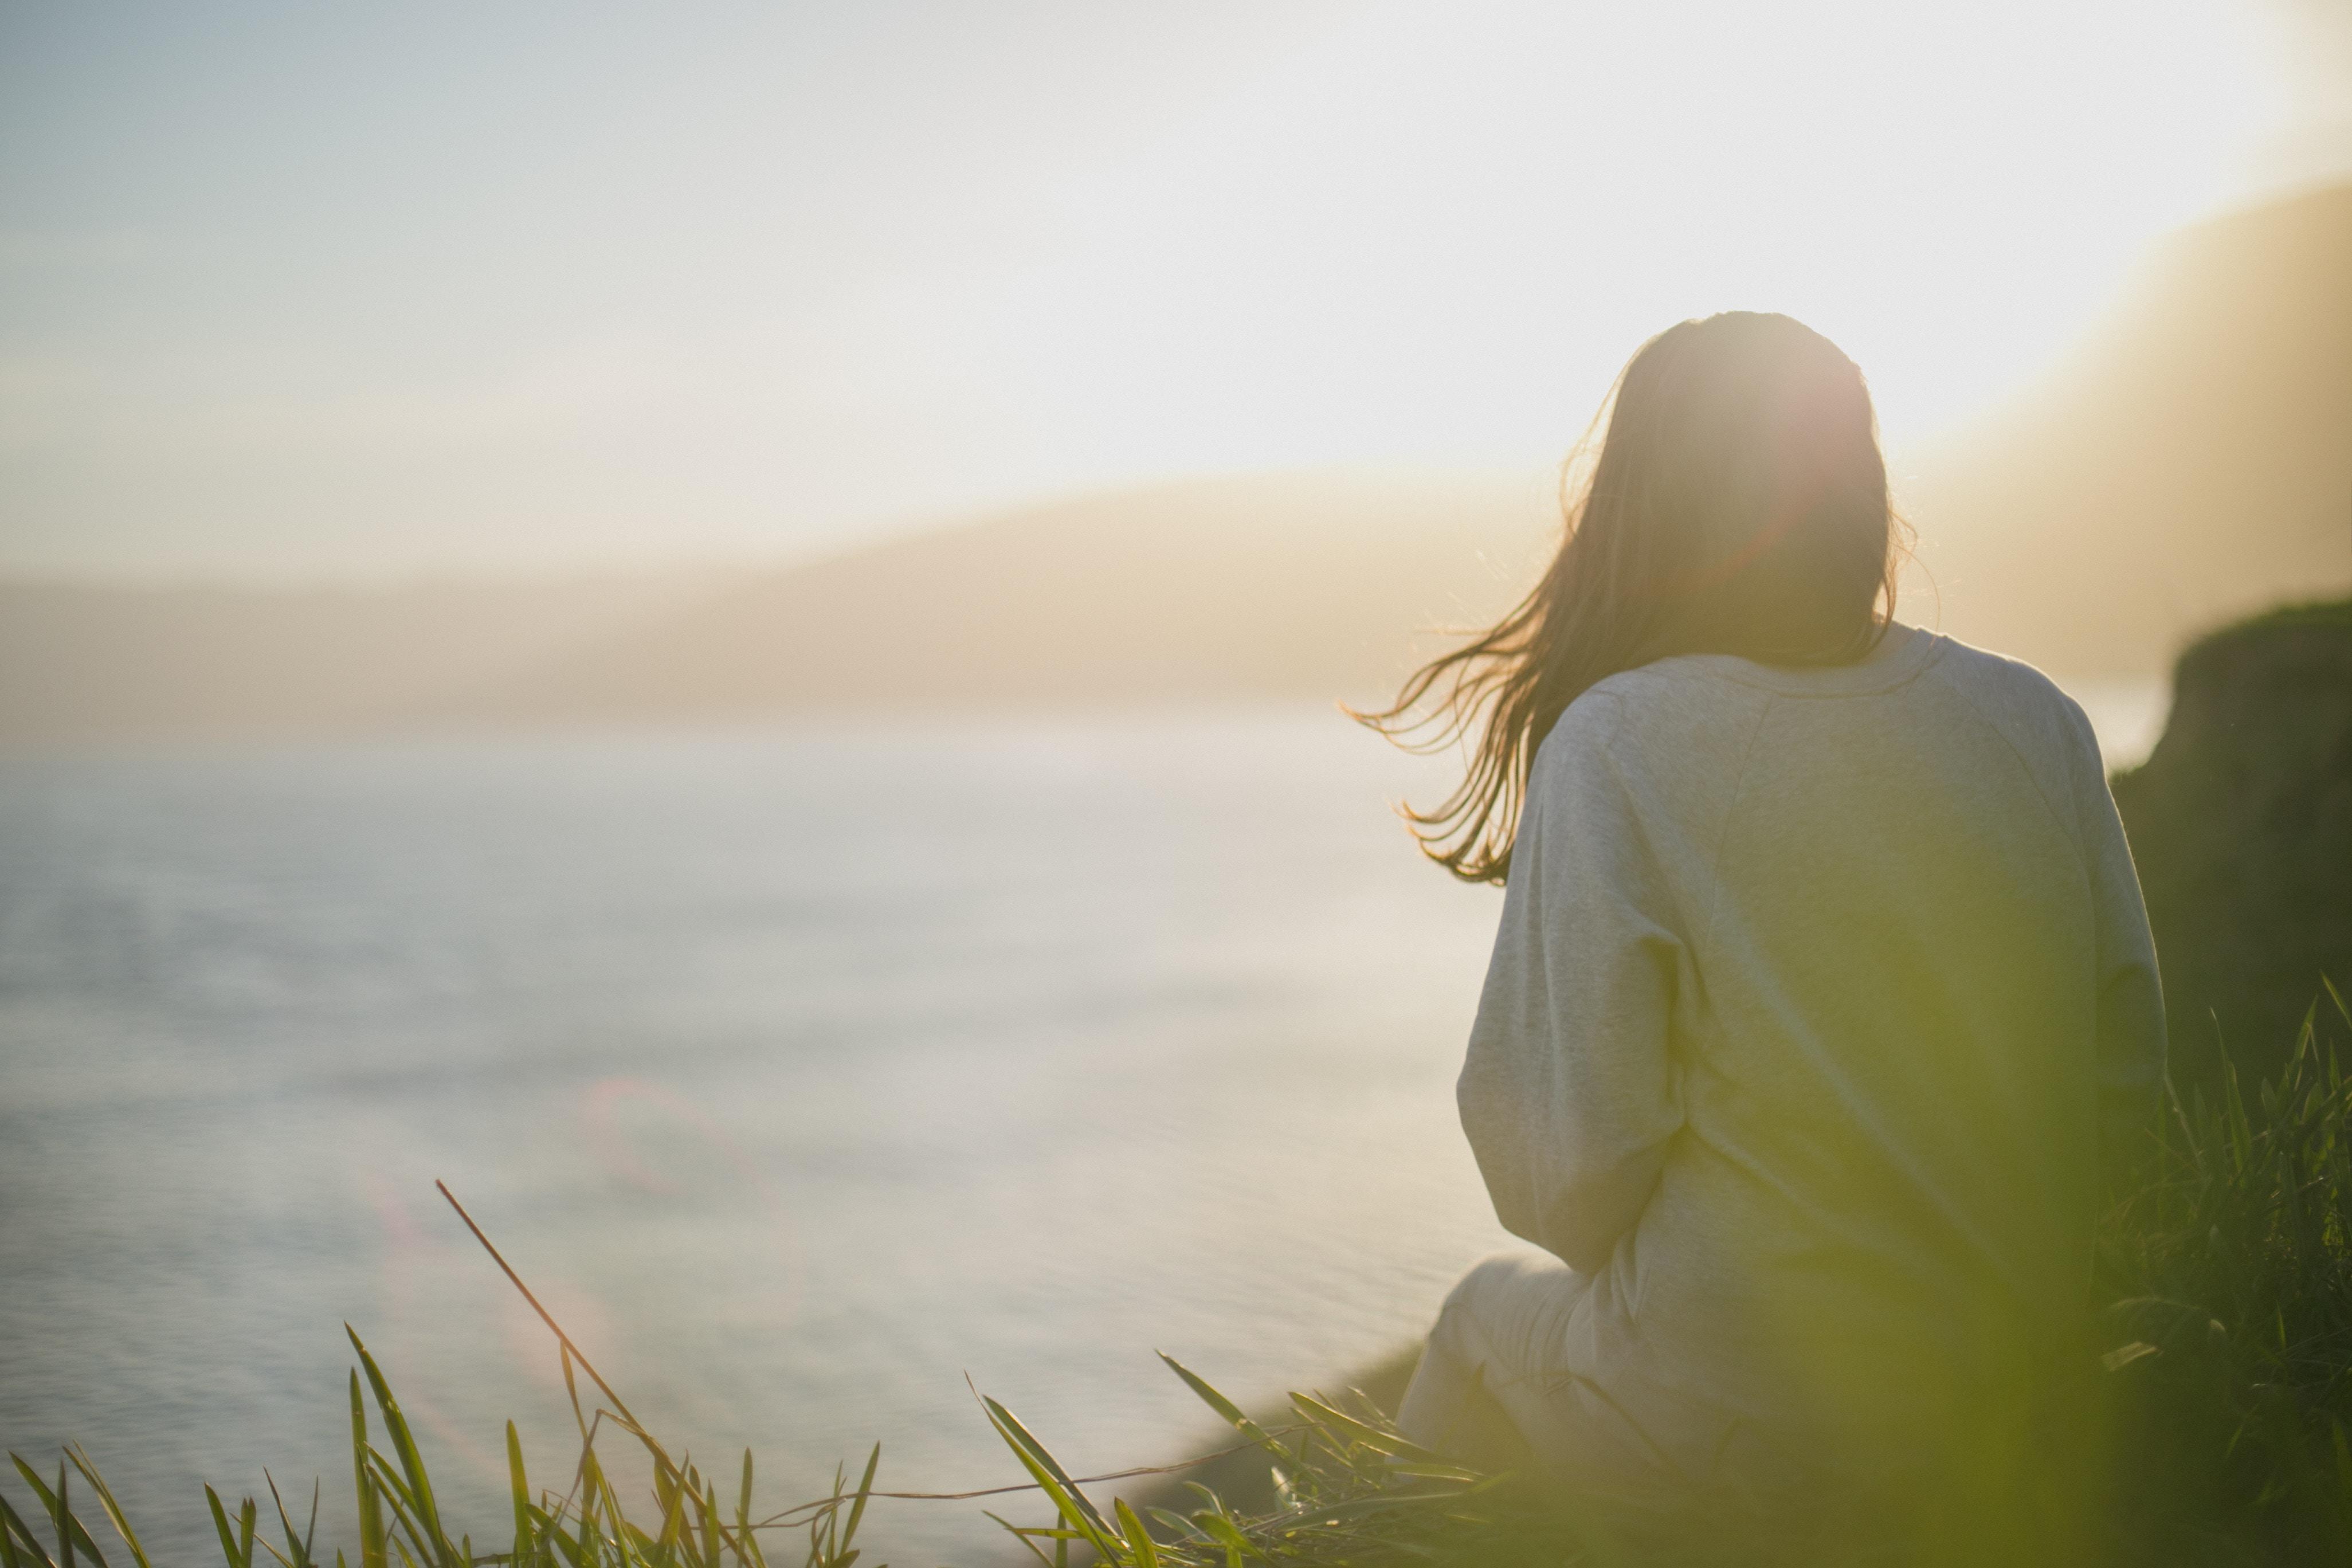 hulp voor jongeren problemen jongeren depressie